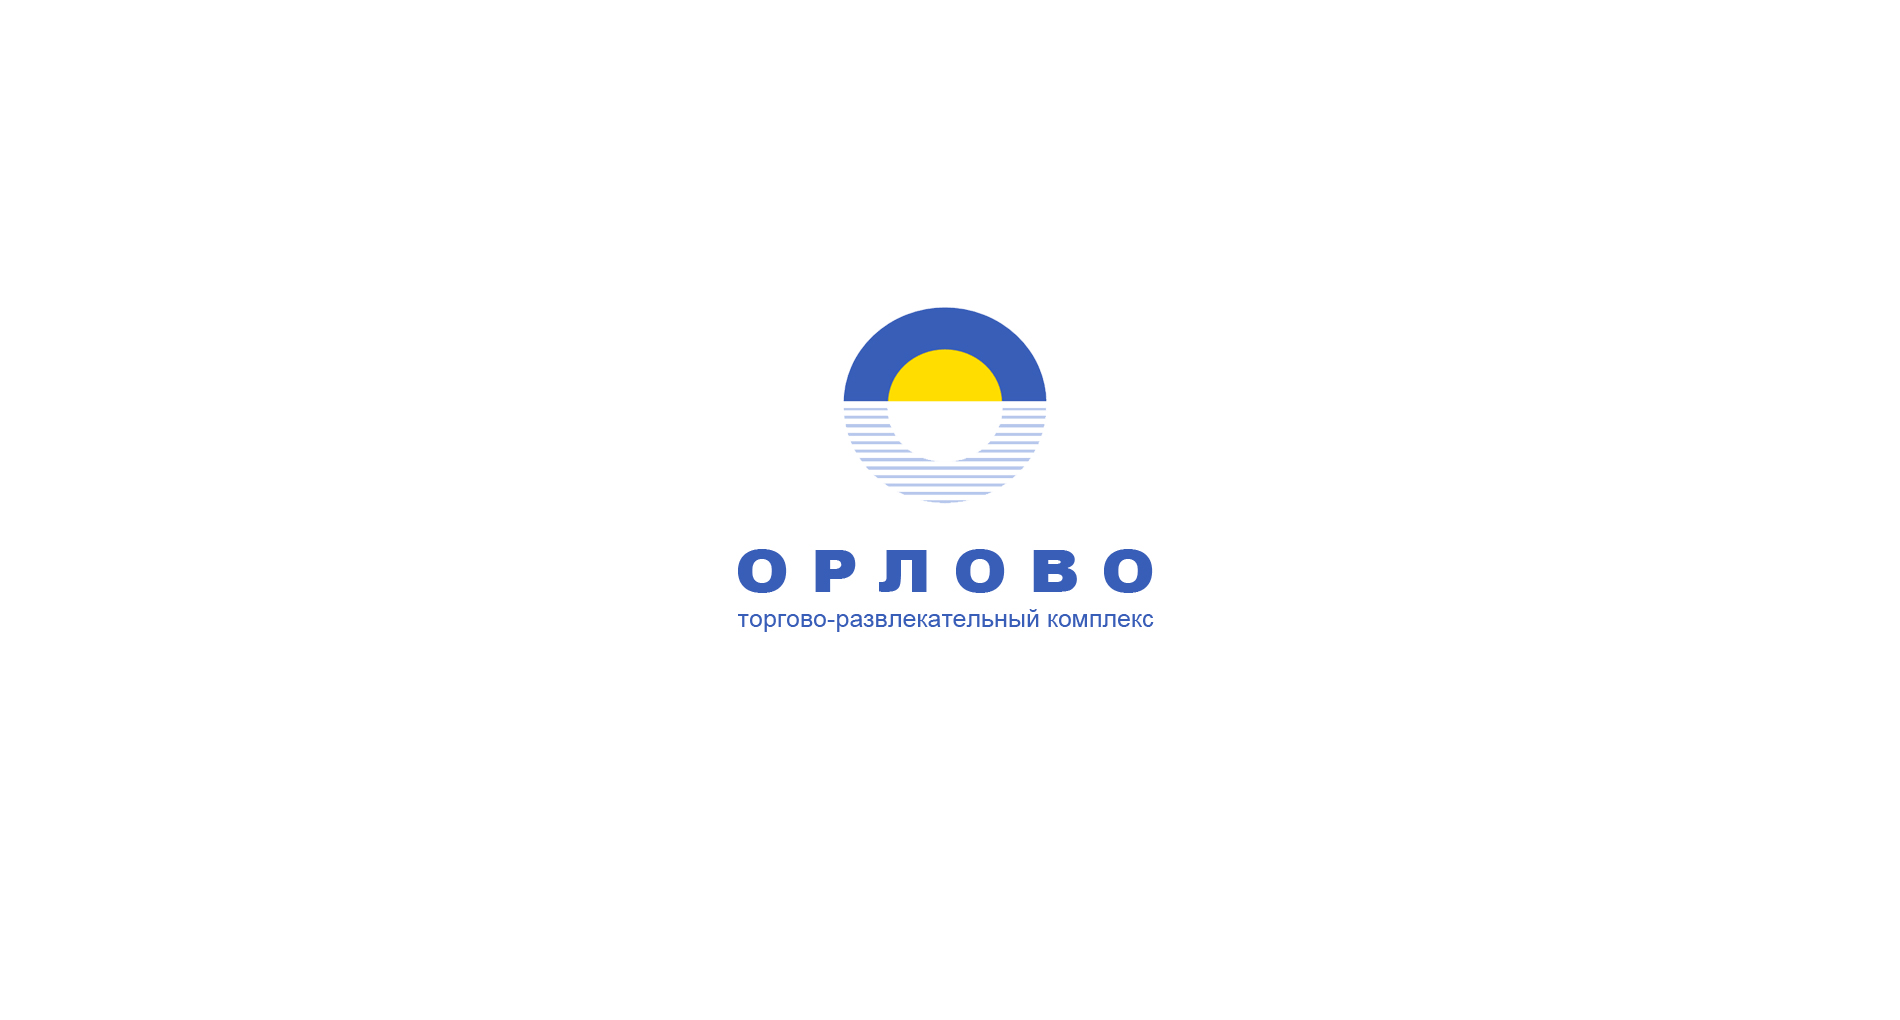 Разработка логотипа для Торгово-развлекательного комплекса фото f_04059658ace667e6.jpg